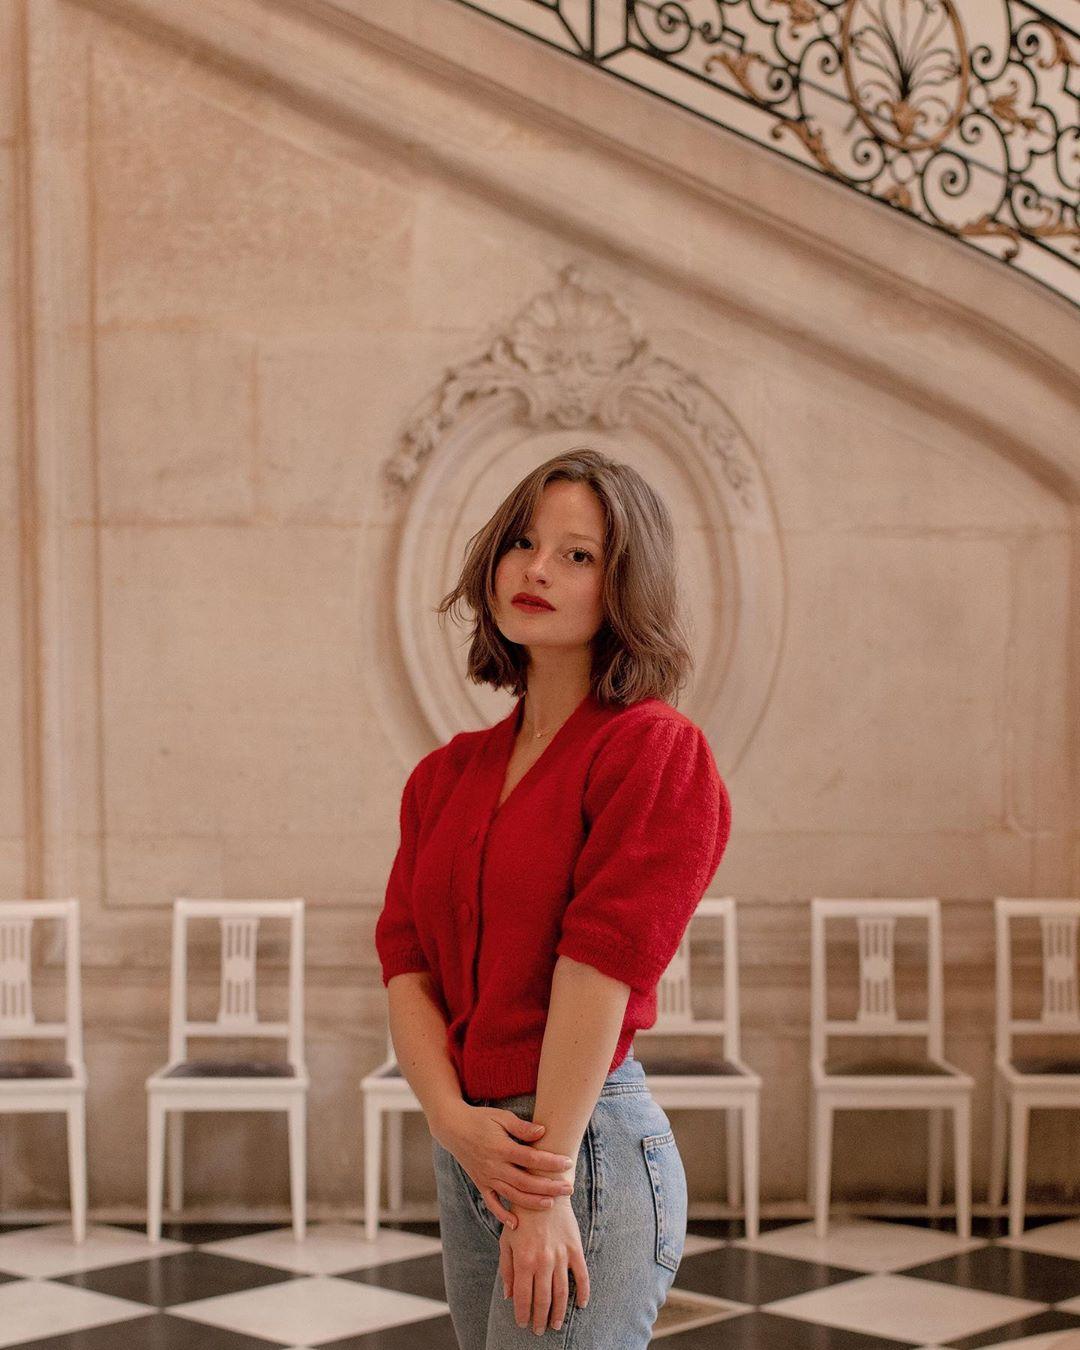 跟著158「復古老靈魂」法國女子學穿搭 她的單品你衣櫃都有!